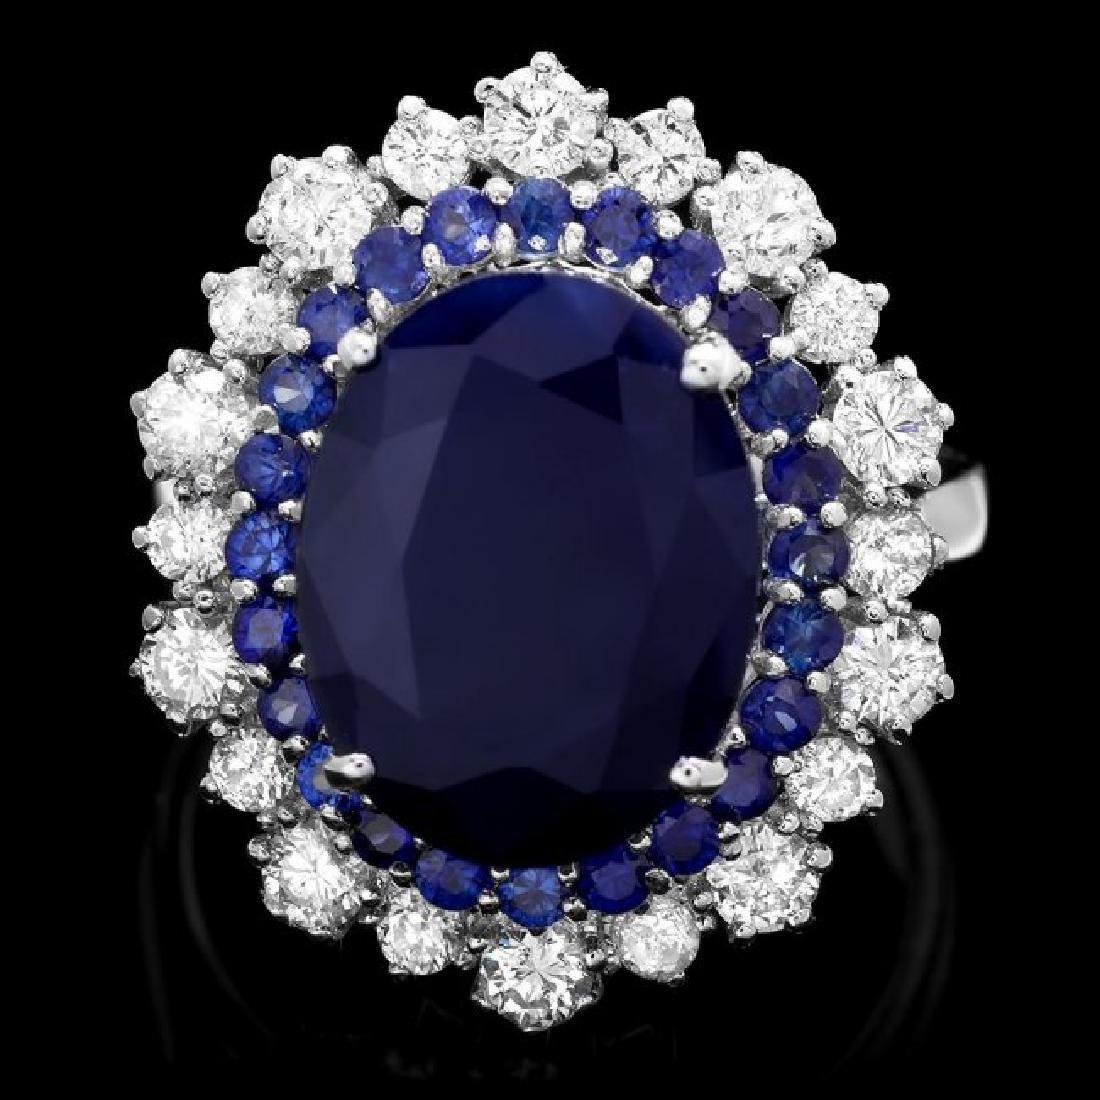 14k White Gold 7.2ct Sapphire 1.00ct Diamond Ring